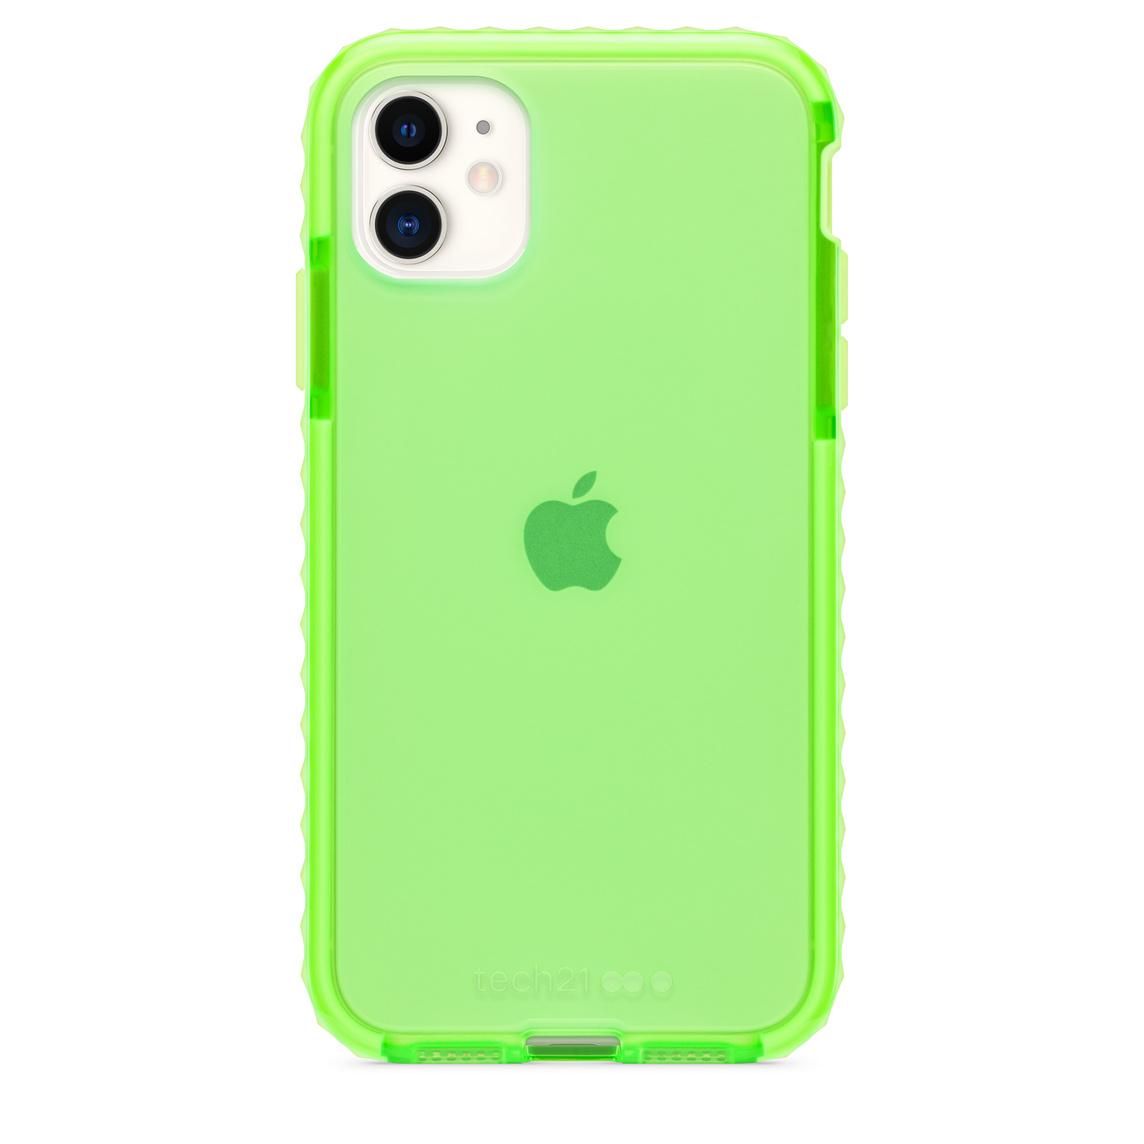 Étui Evo Rox de Tech21 pour iPhone 11